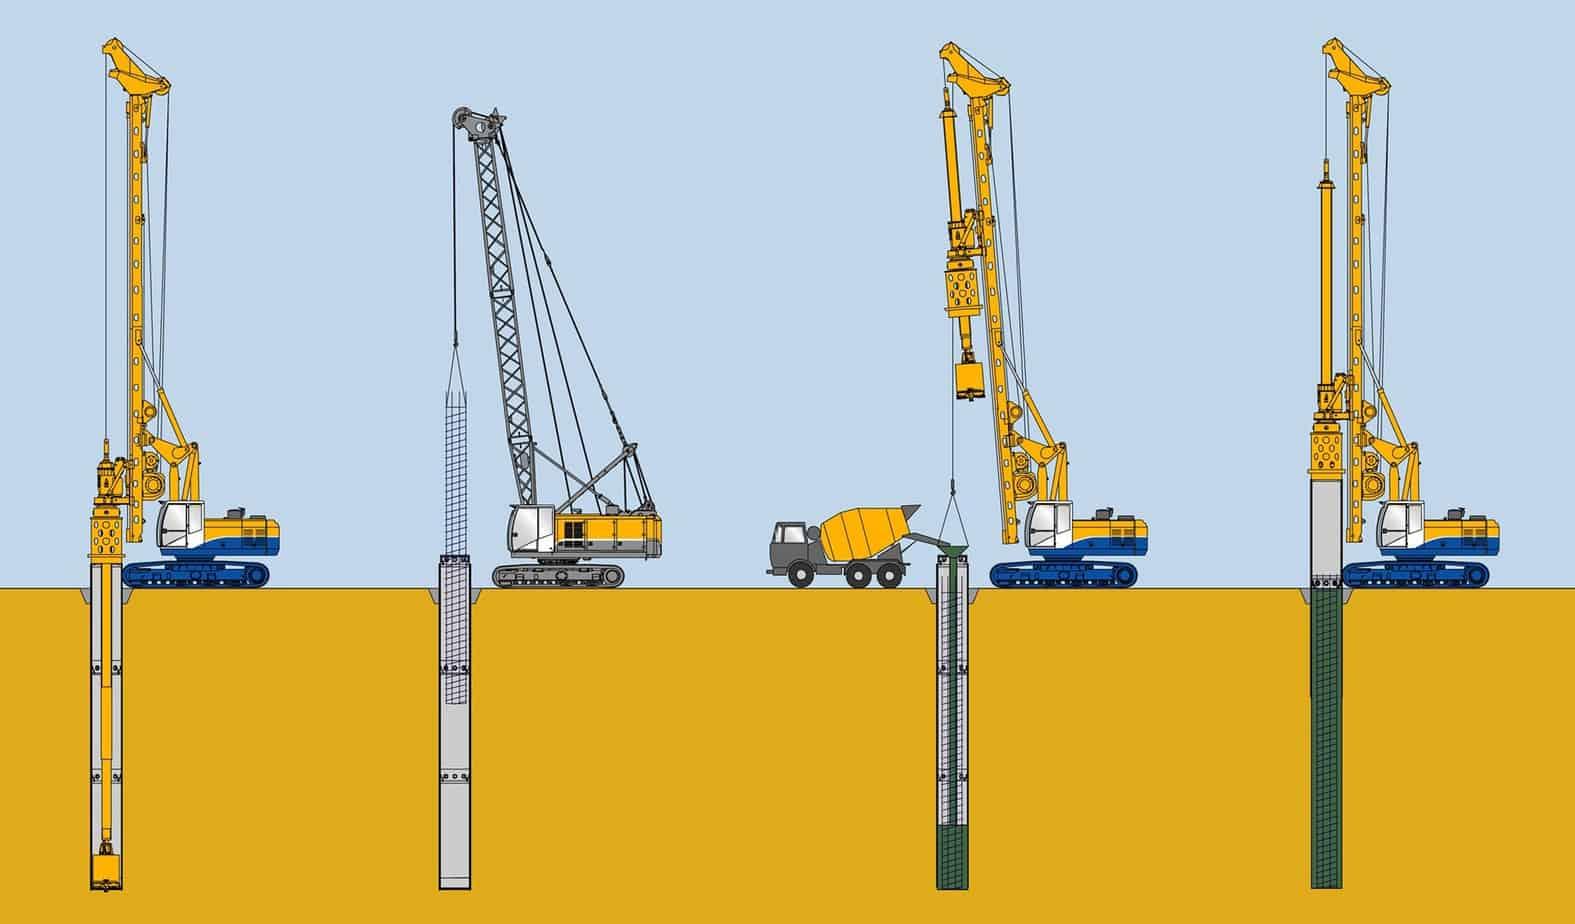 La perforazione rivestita tradizionale: da sinistra, la perforazione fino alla profondità finale, l'installazione della gabbia di rinforzo, la fase di getto e l'estrazione dei tubi di rivestimento